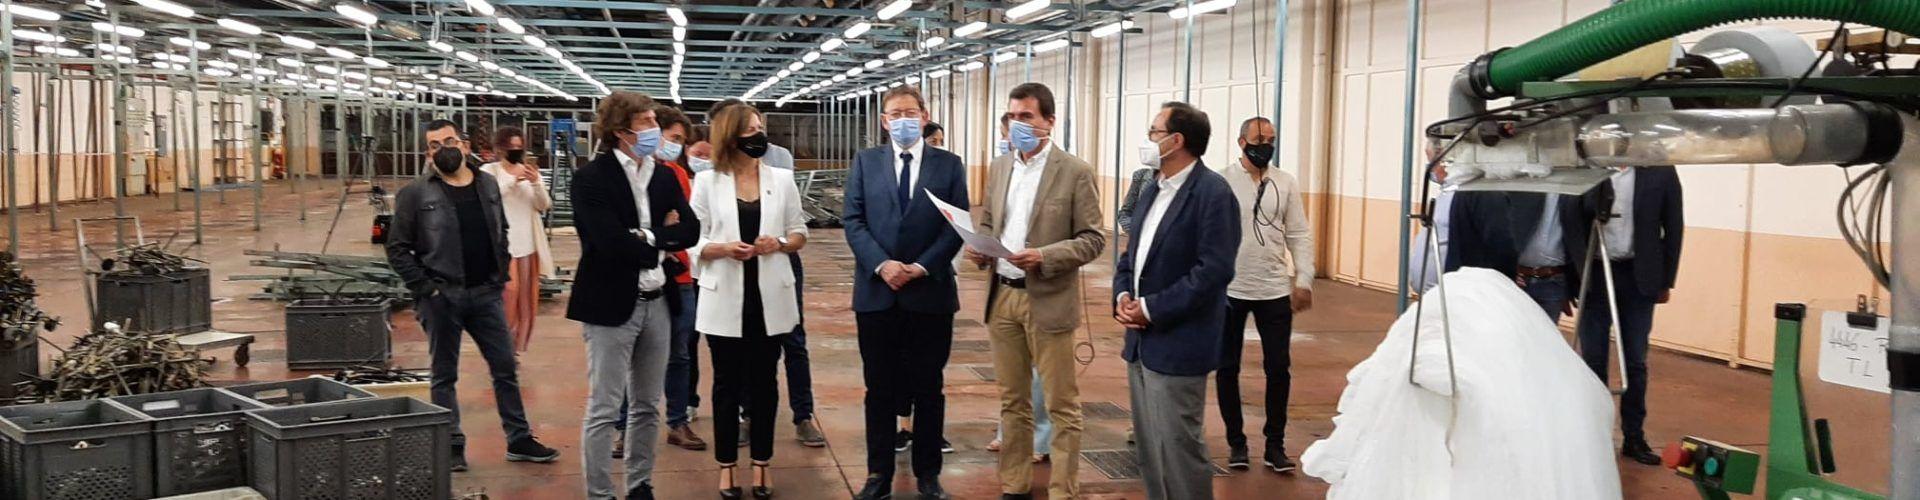 Ximo Puig anuncia que el apoyo financiero del Consell a Marie Claire ascenderá a 12 millones de euros